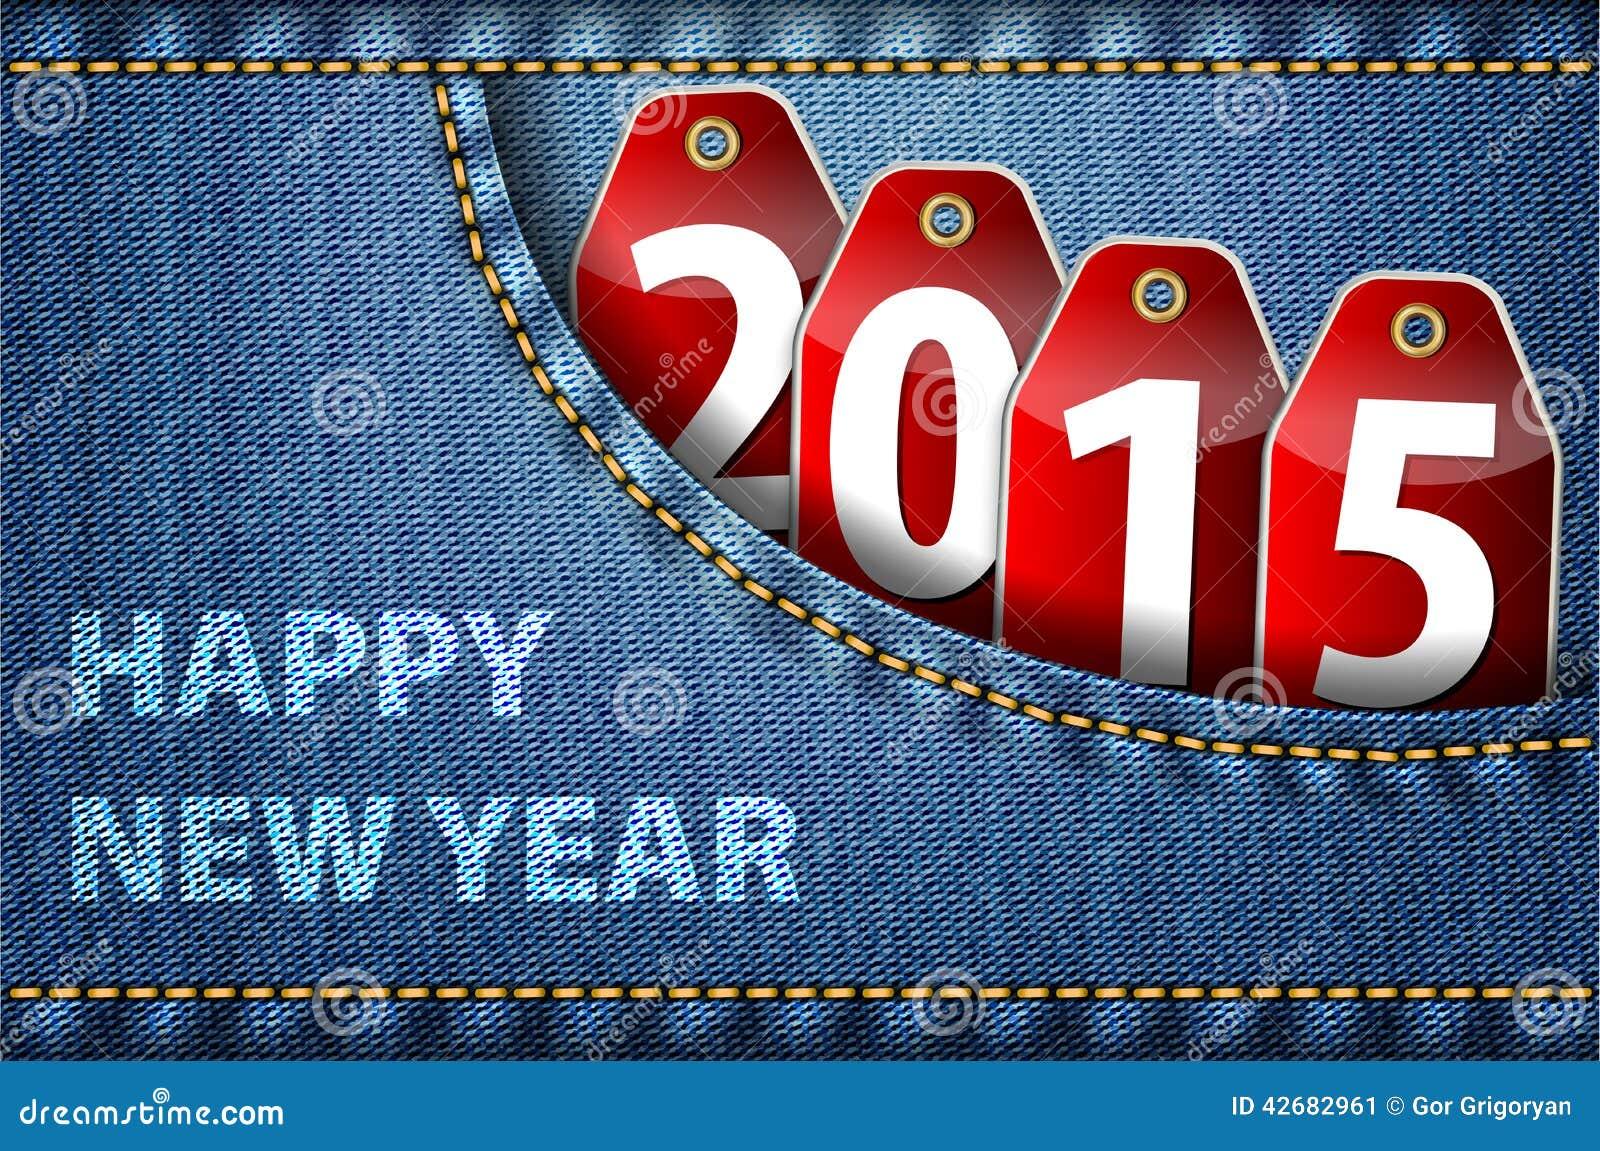 Guten rutsch ins neue jahr grüße und 2015 stellen auf roten tags in